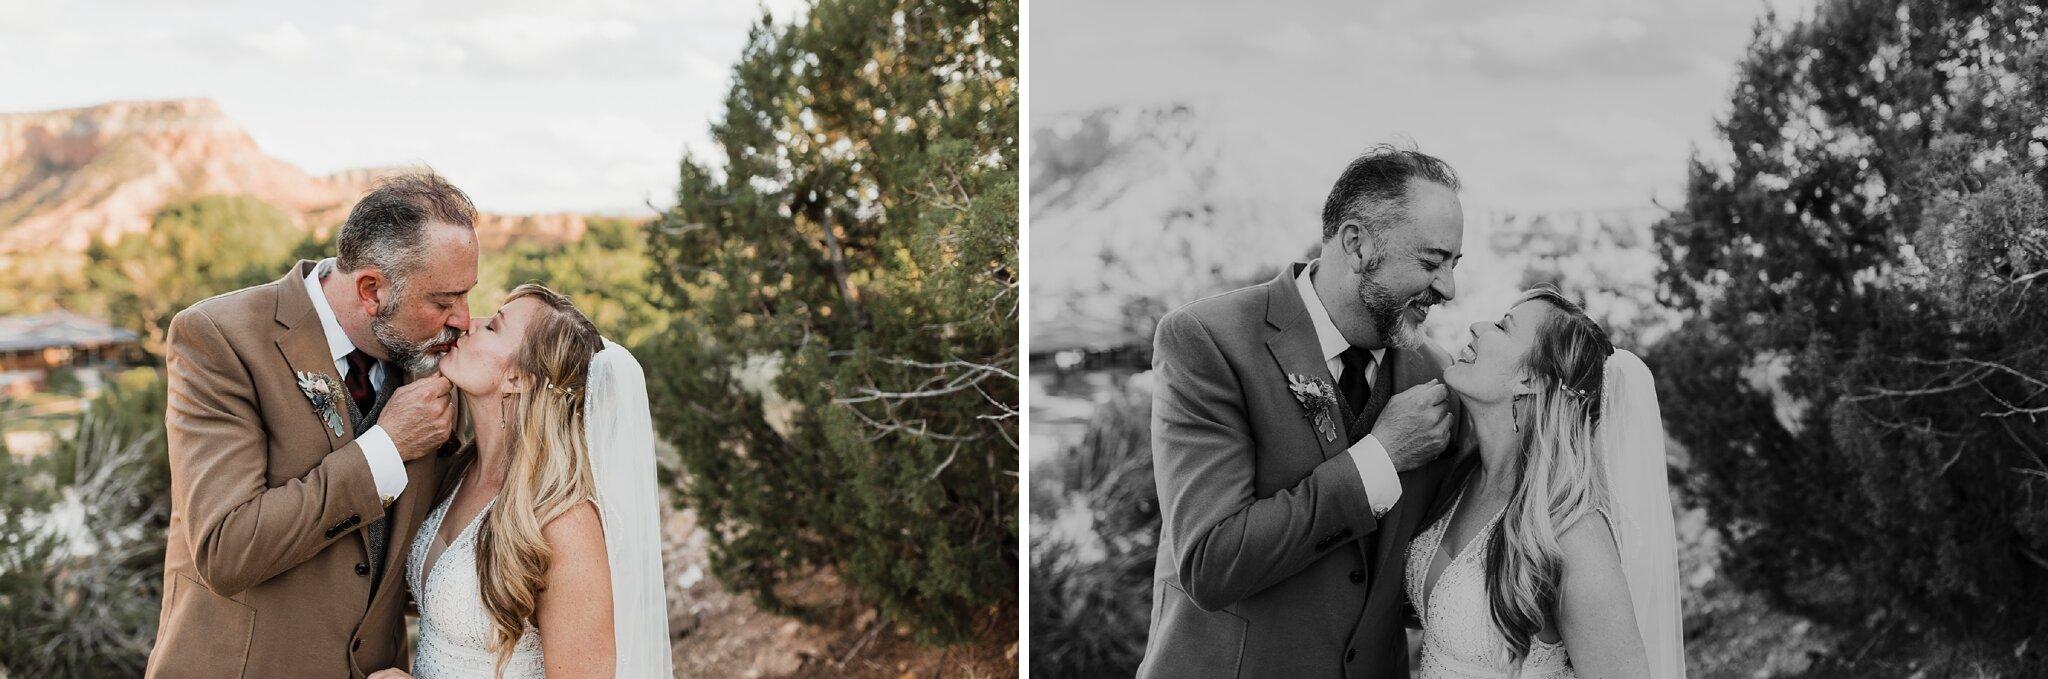 Alicia+lucia+photography+-+albuquerque+wedding+photographer+-+santa+fe+wedding+photography+-+new+mexico+wedding+photographer+-+new+mexico+wedding+-+wedding+-+santa+fe+wedding+-+ghost+ranch+-+ghost+ranch+wedding+-+fall+wedding_0061.jpg